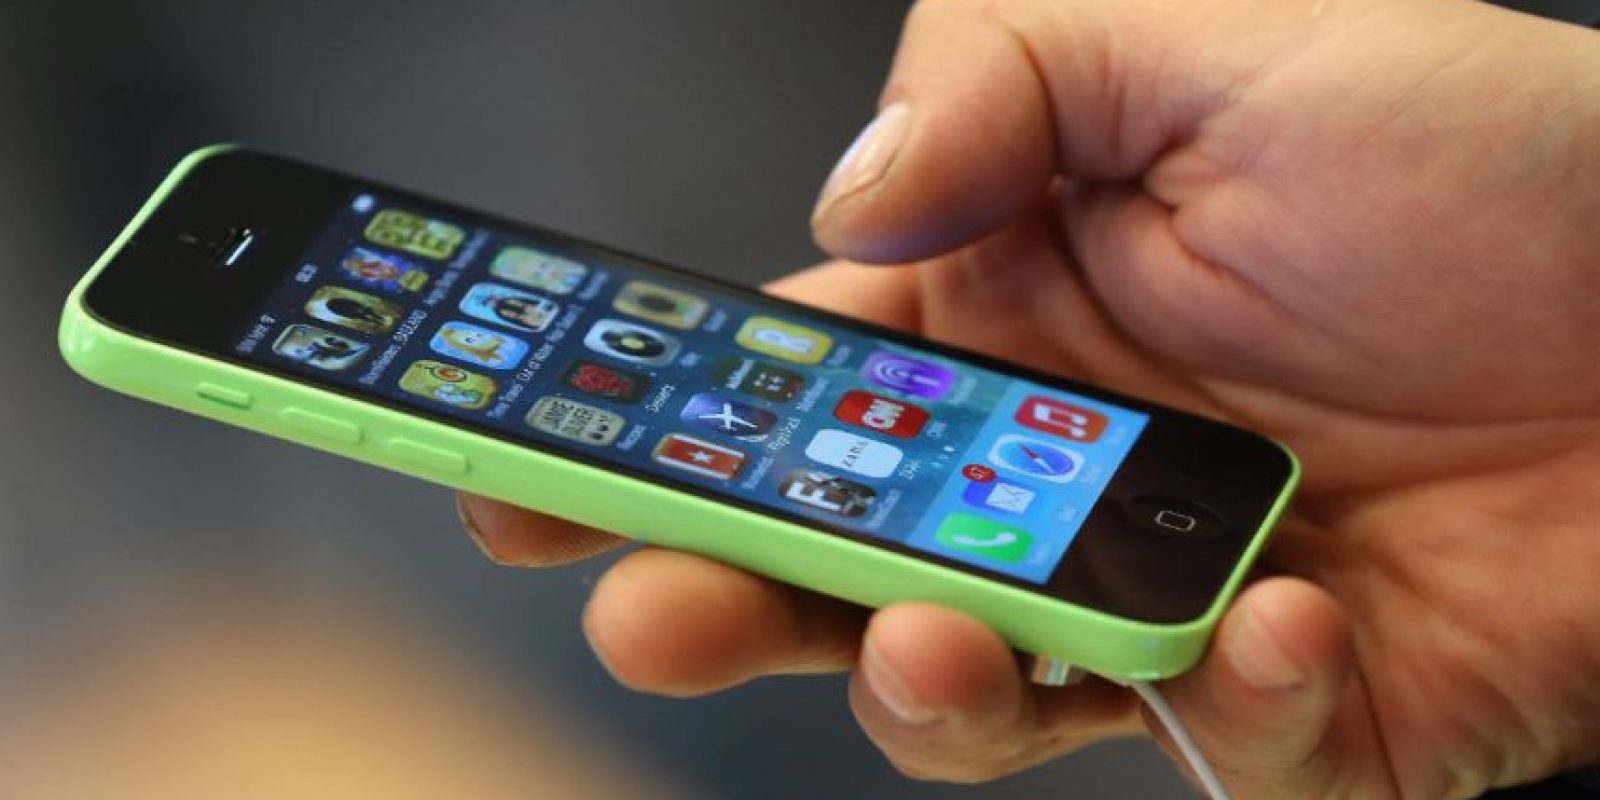 Las últimas versiones de iPhone tienen la posibilidad de desbloquearlos… Foto:Getty Images